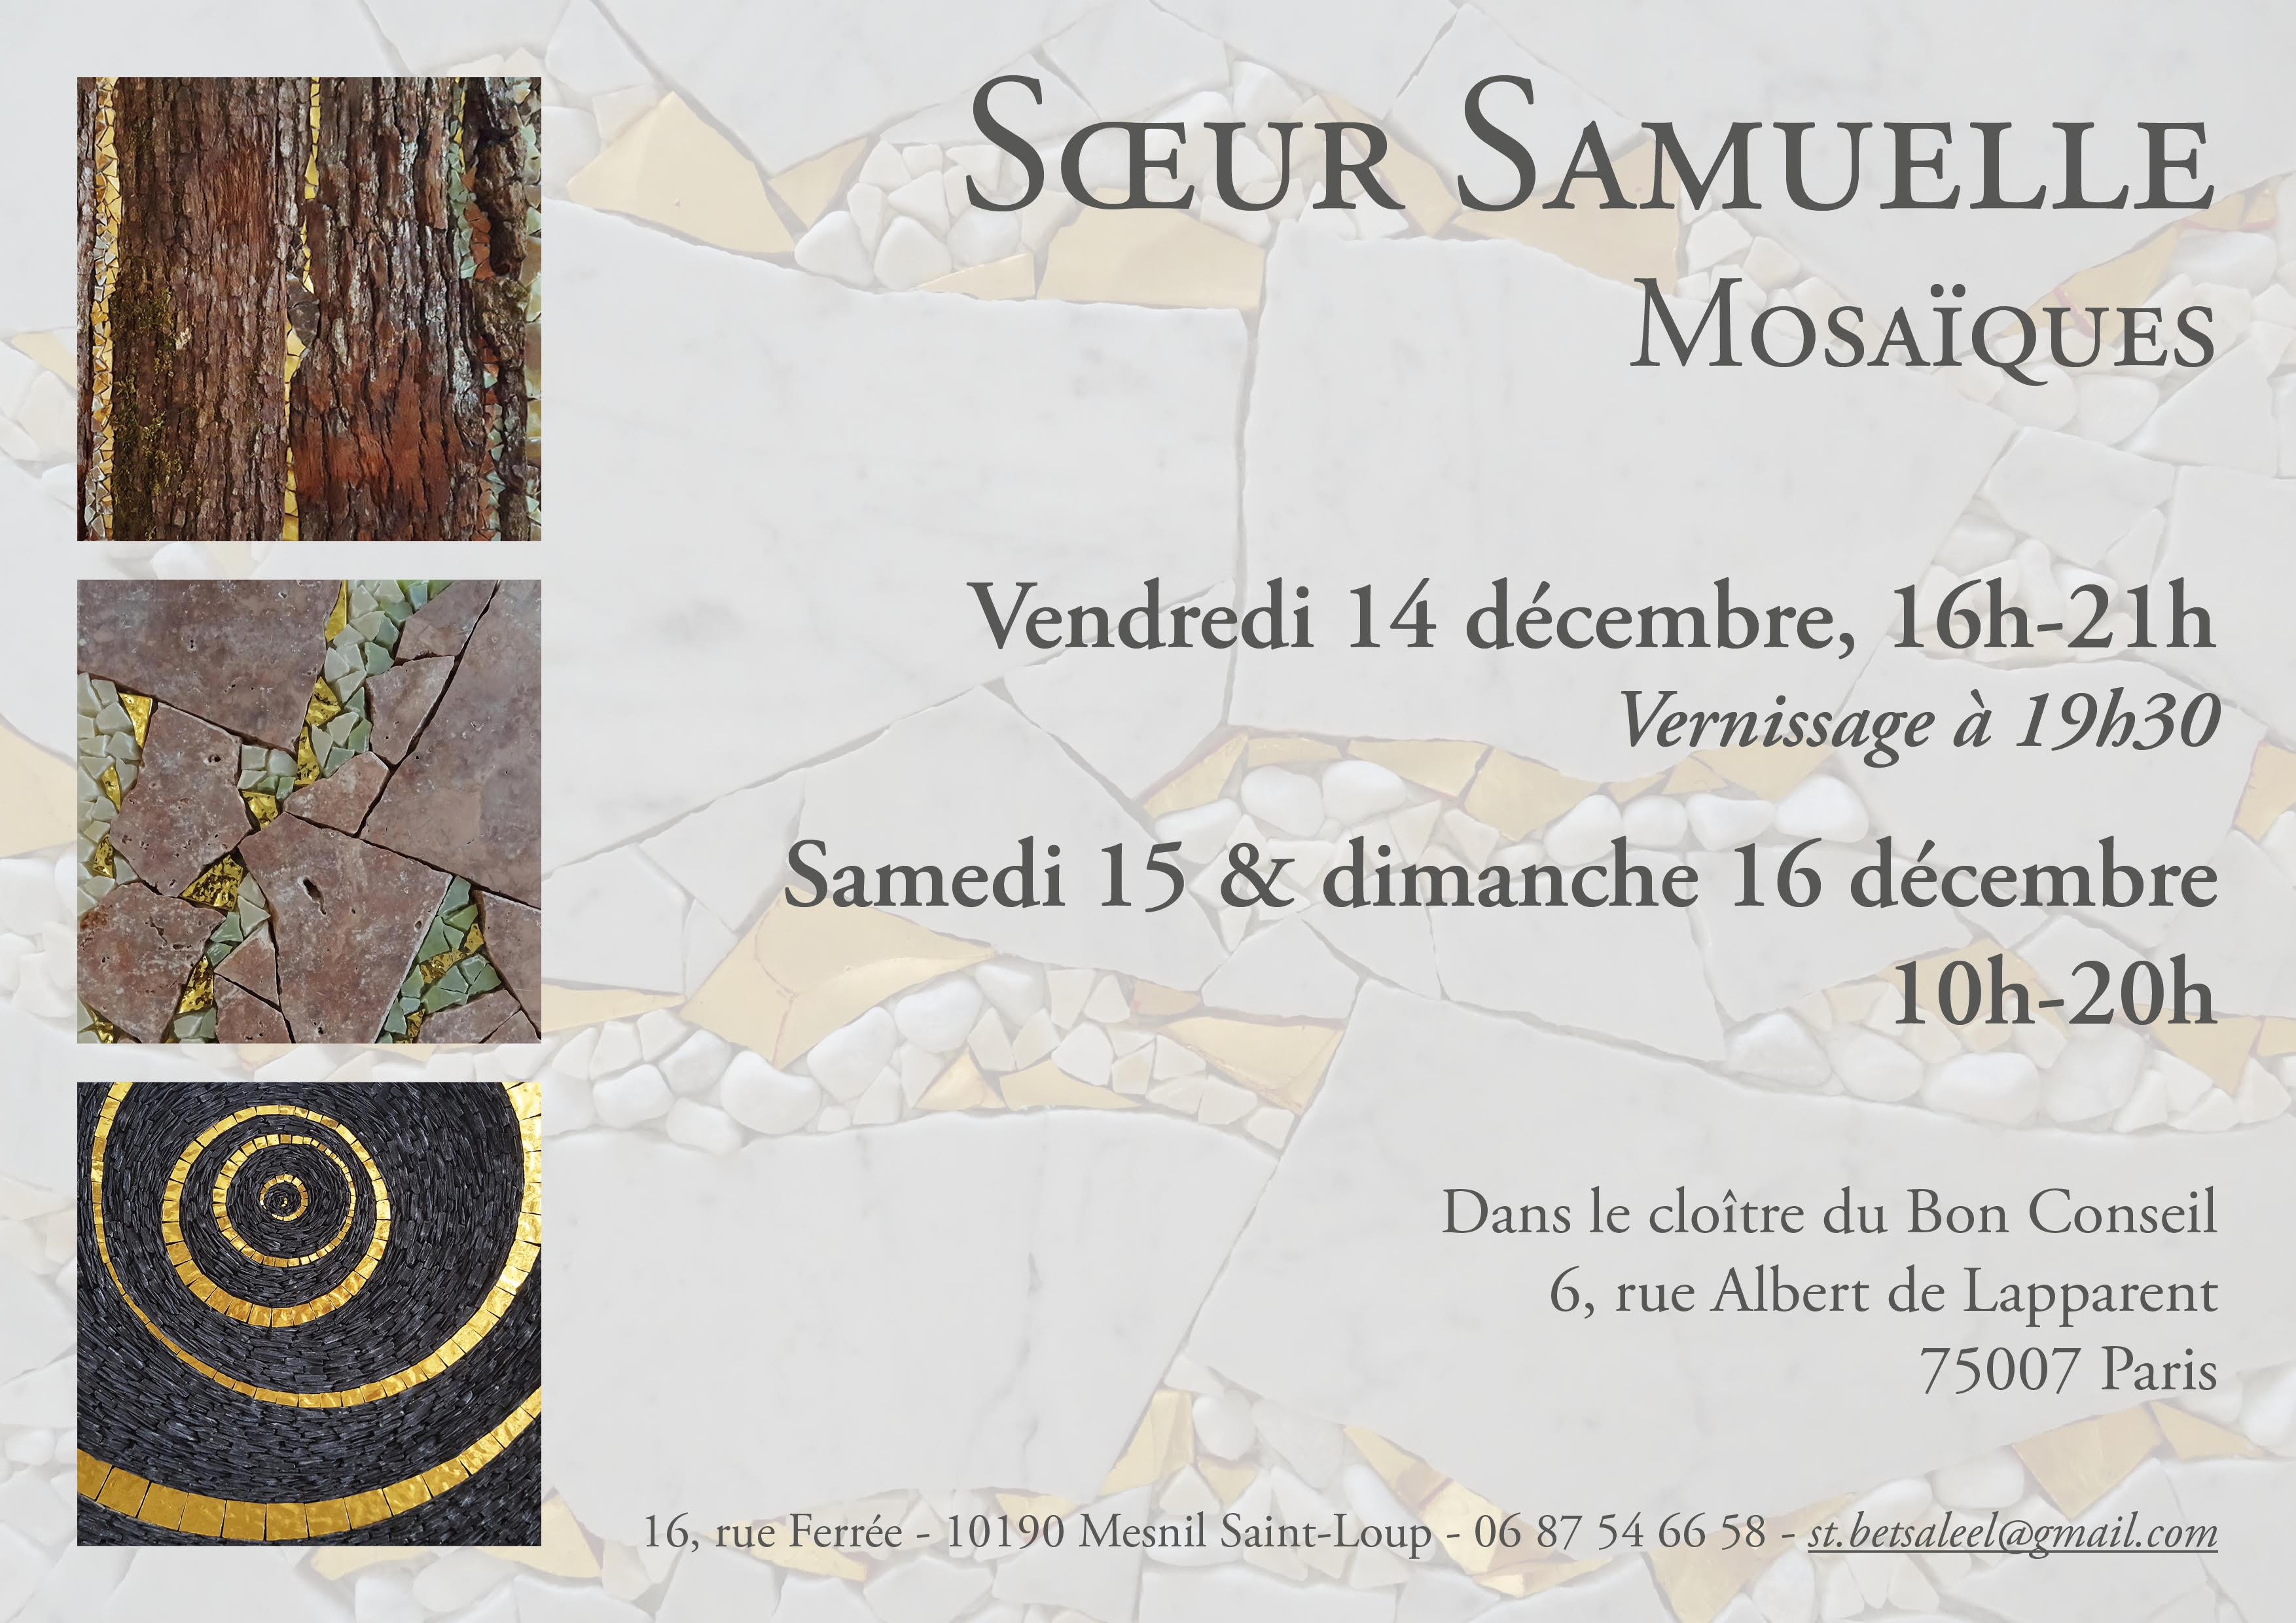 Vernissage et exposition de mosaïques par Soeur Samuelle, les 15 et 16 décembre 2018 à la paroisse du Bon Conseil Paris 7